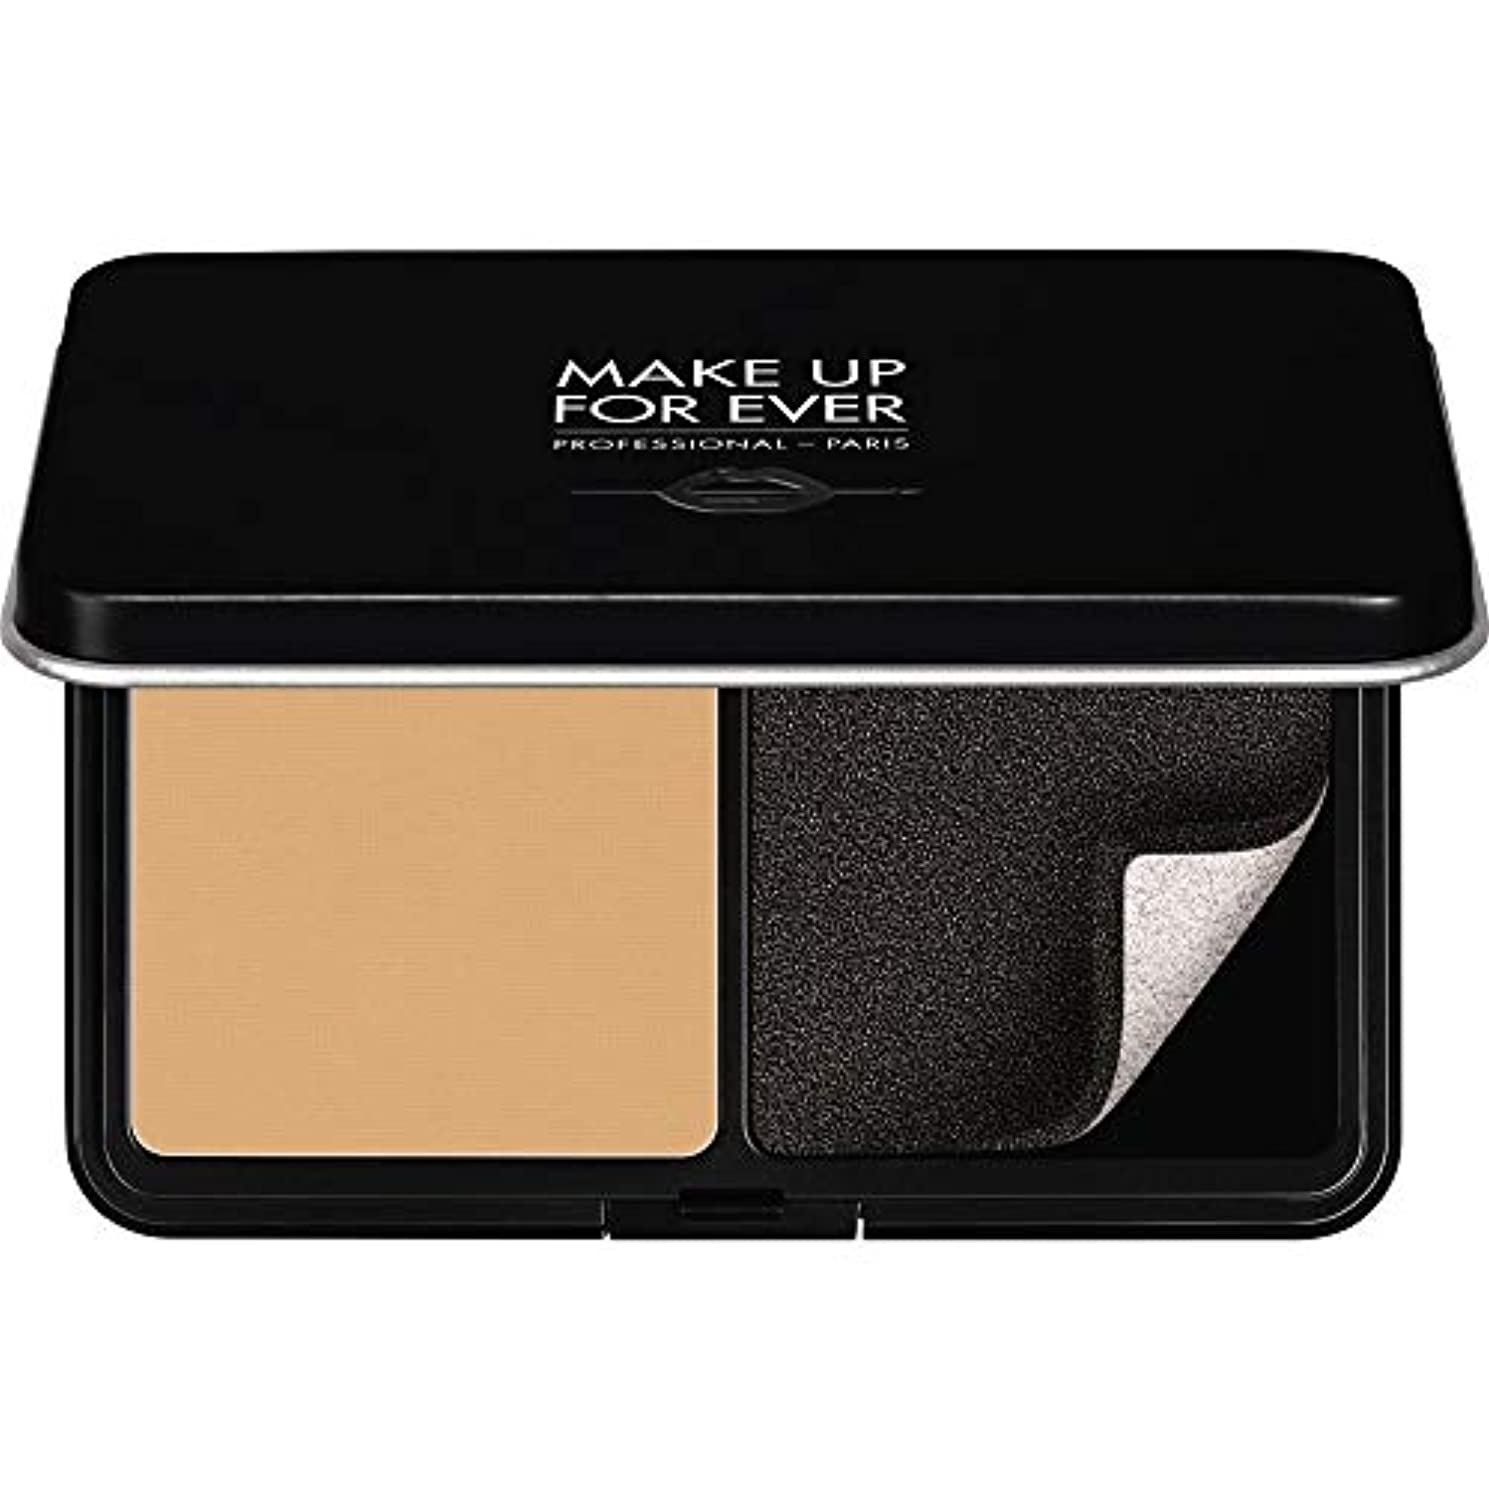 教える個人的に北へ[MAKE UP FOR EVER ] 柔らかい砂 - パウダーファンデーション11GののY245をぼかし、これまでマットベルベットの肌を補います - MAKE UP FOR EVER Matte Velvet Skin Blurring Powder Foundation 11g Y245 - Soft Sand [並行輸入品]